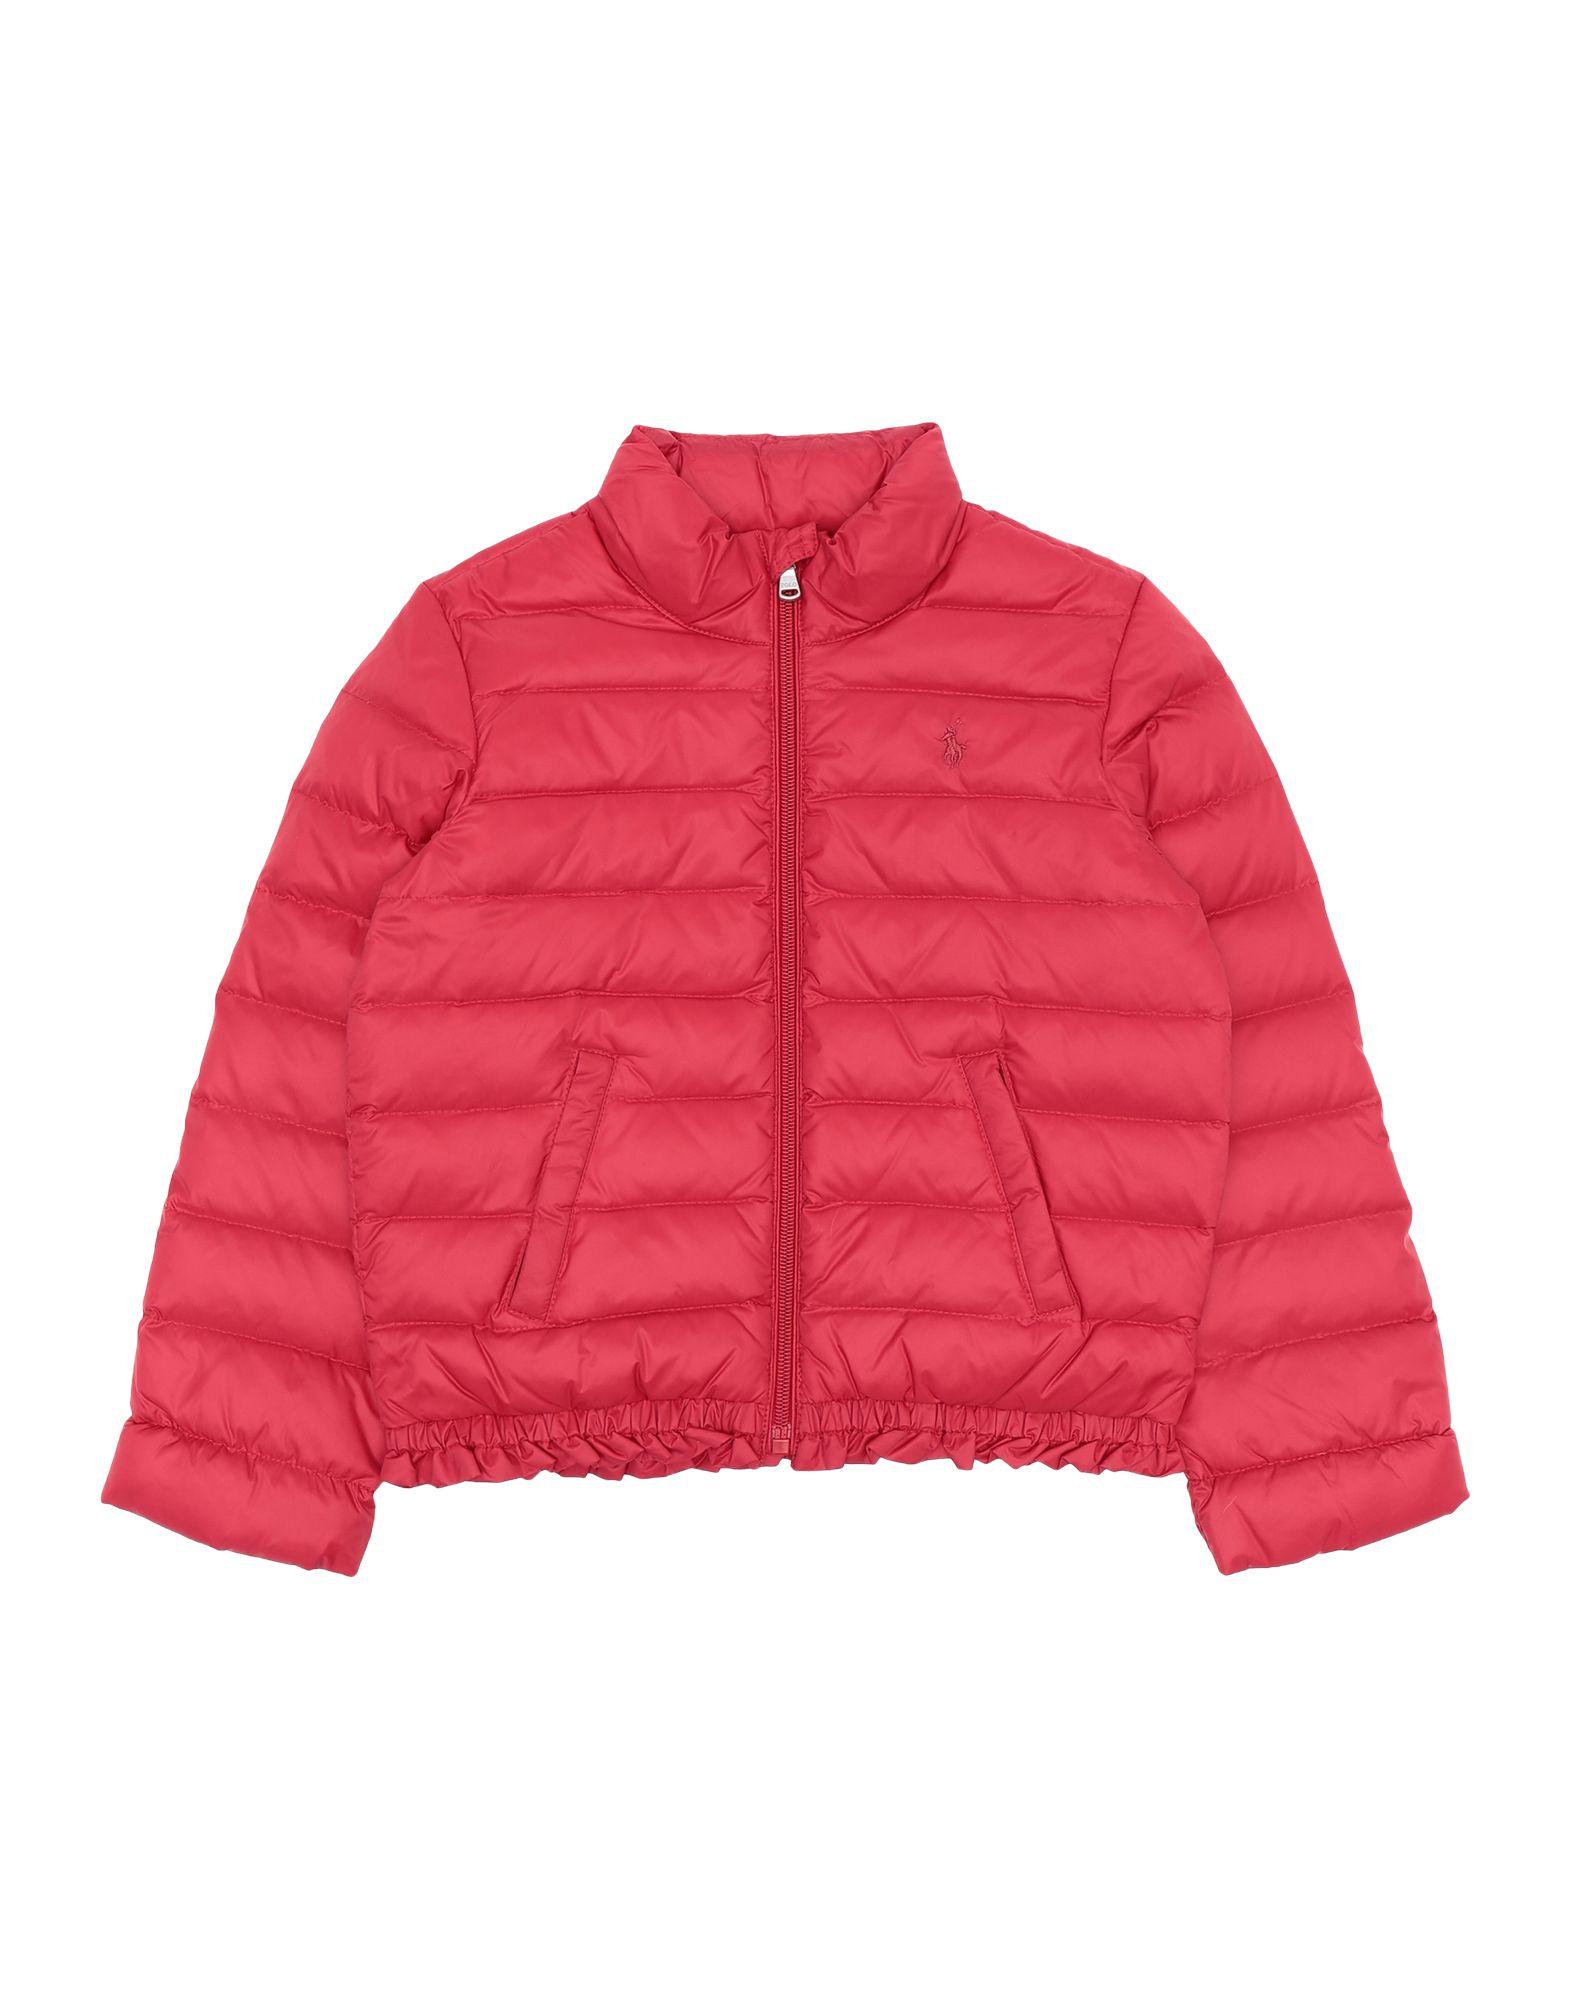 《期間限定 セール開催中》RALPH LAUREN ガールズ 3-8 歳 ダウンジャケット レッド 5 ナイロン 100% Ruffled Quilted Down Jacket